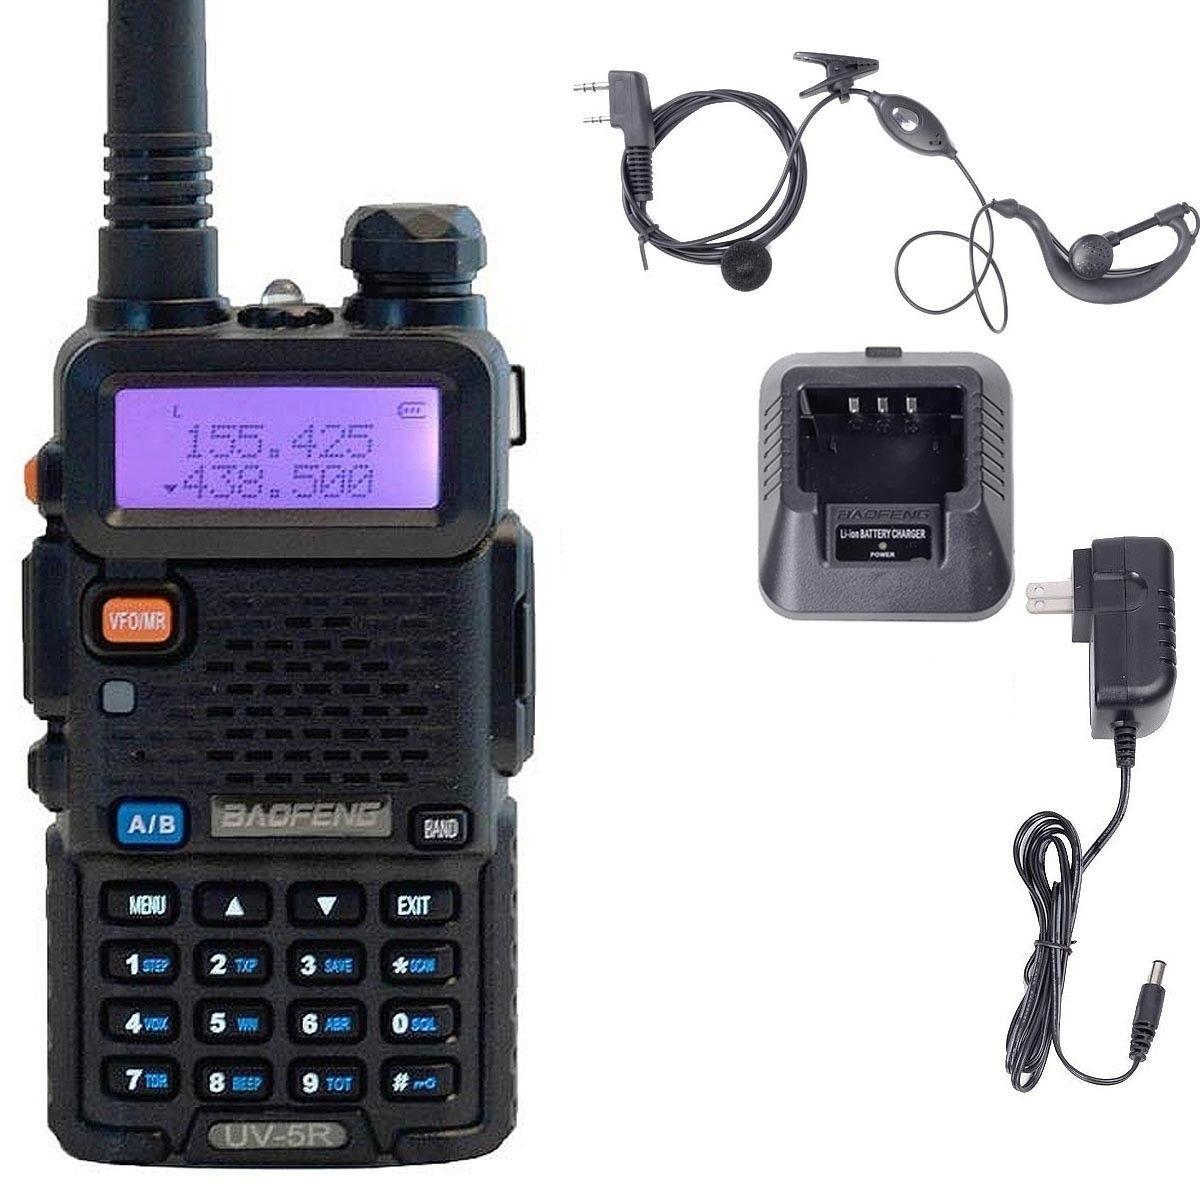 Baofeng UV-5R VHF / UHF Двойной диапазон Двухсторонняя ветчина Радиопередача Walkie Talkie Открытый междугородние коммуникационные инструменты